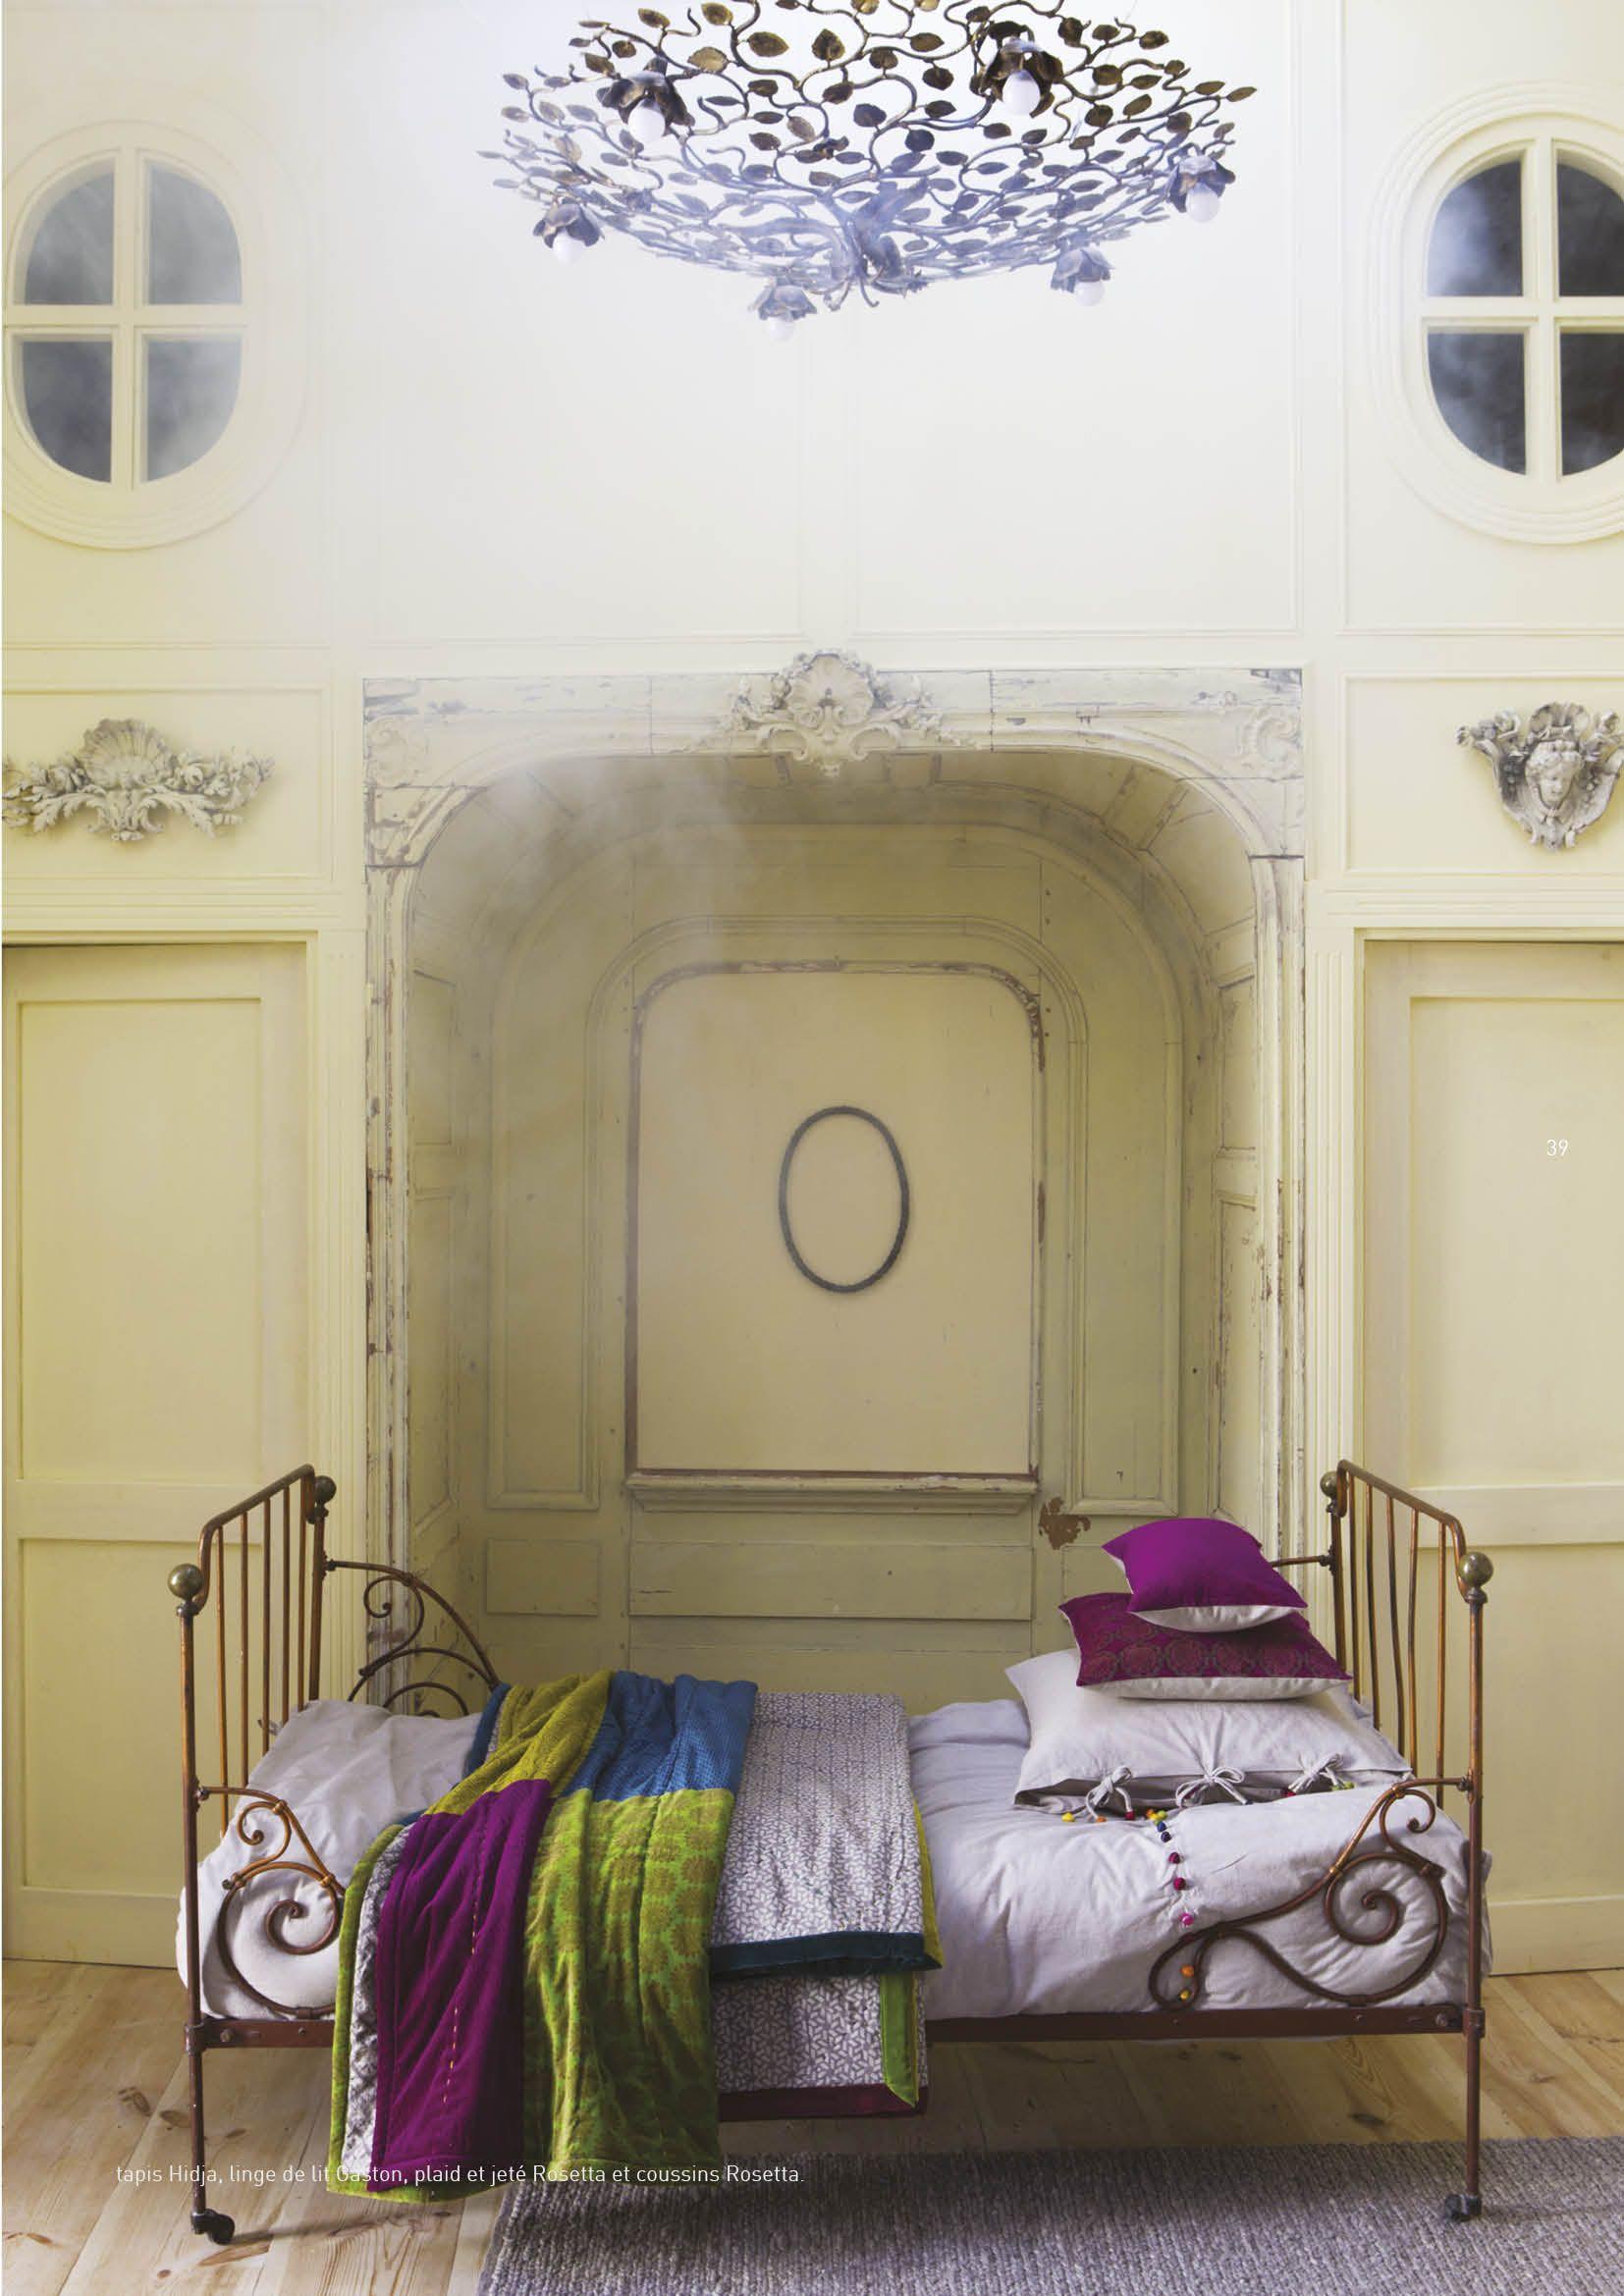 plaid linge de lit Tapis Hidja, linge de lit Gaston, plaid et jeté Rosetta et  plaid linge de lit